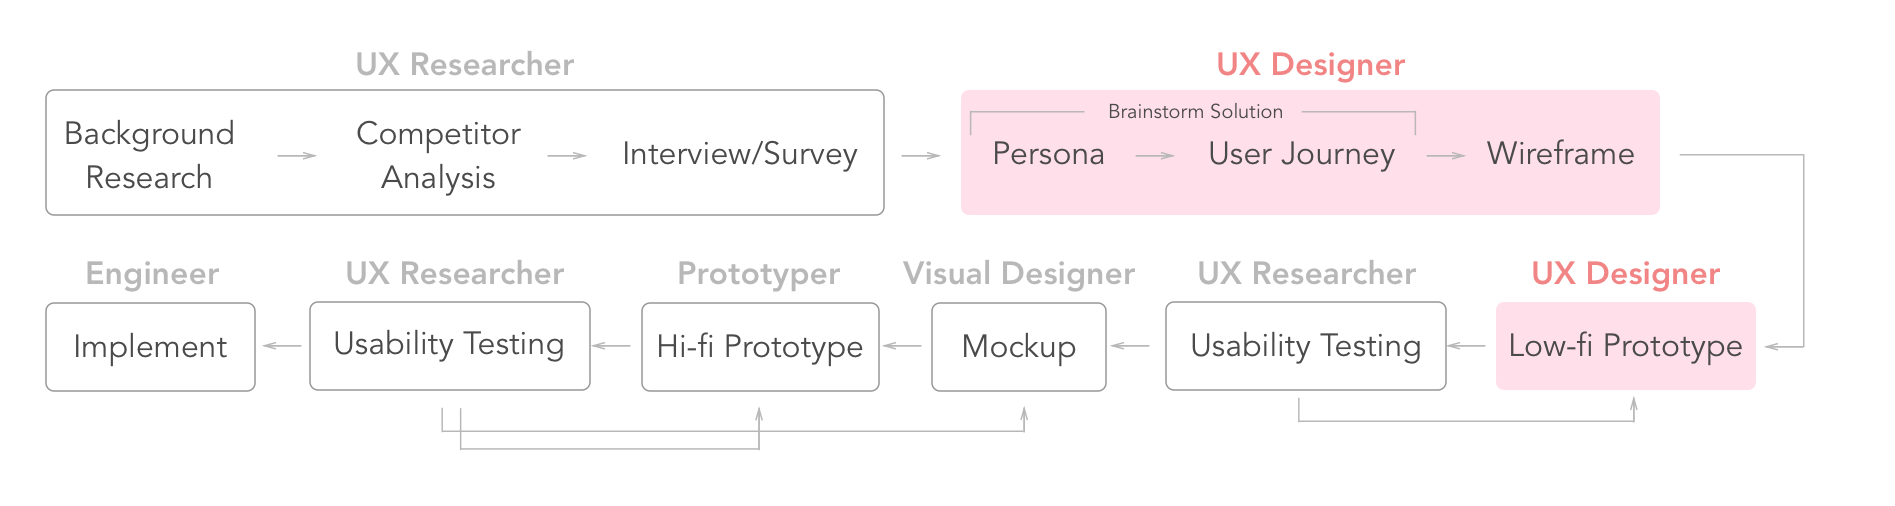 圖3、UX Designer